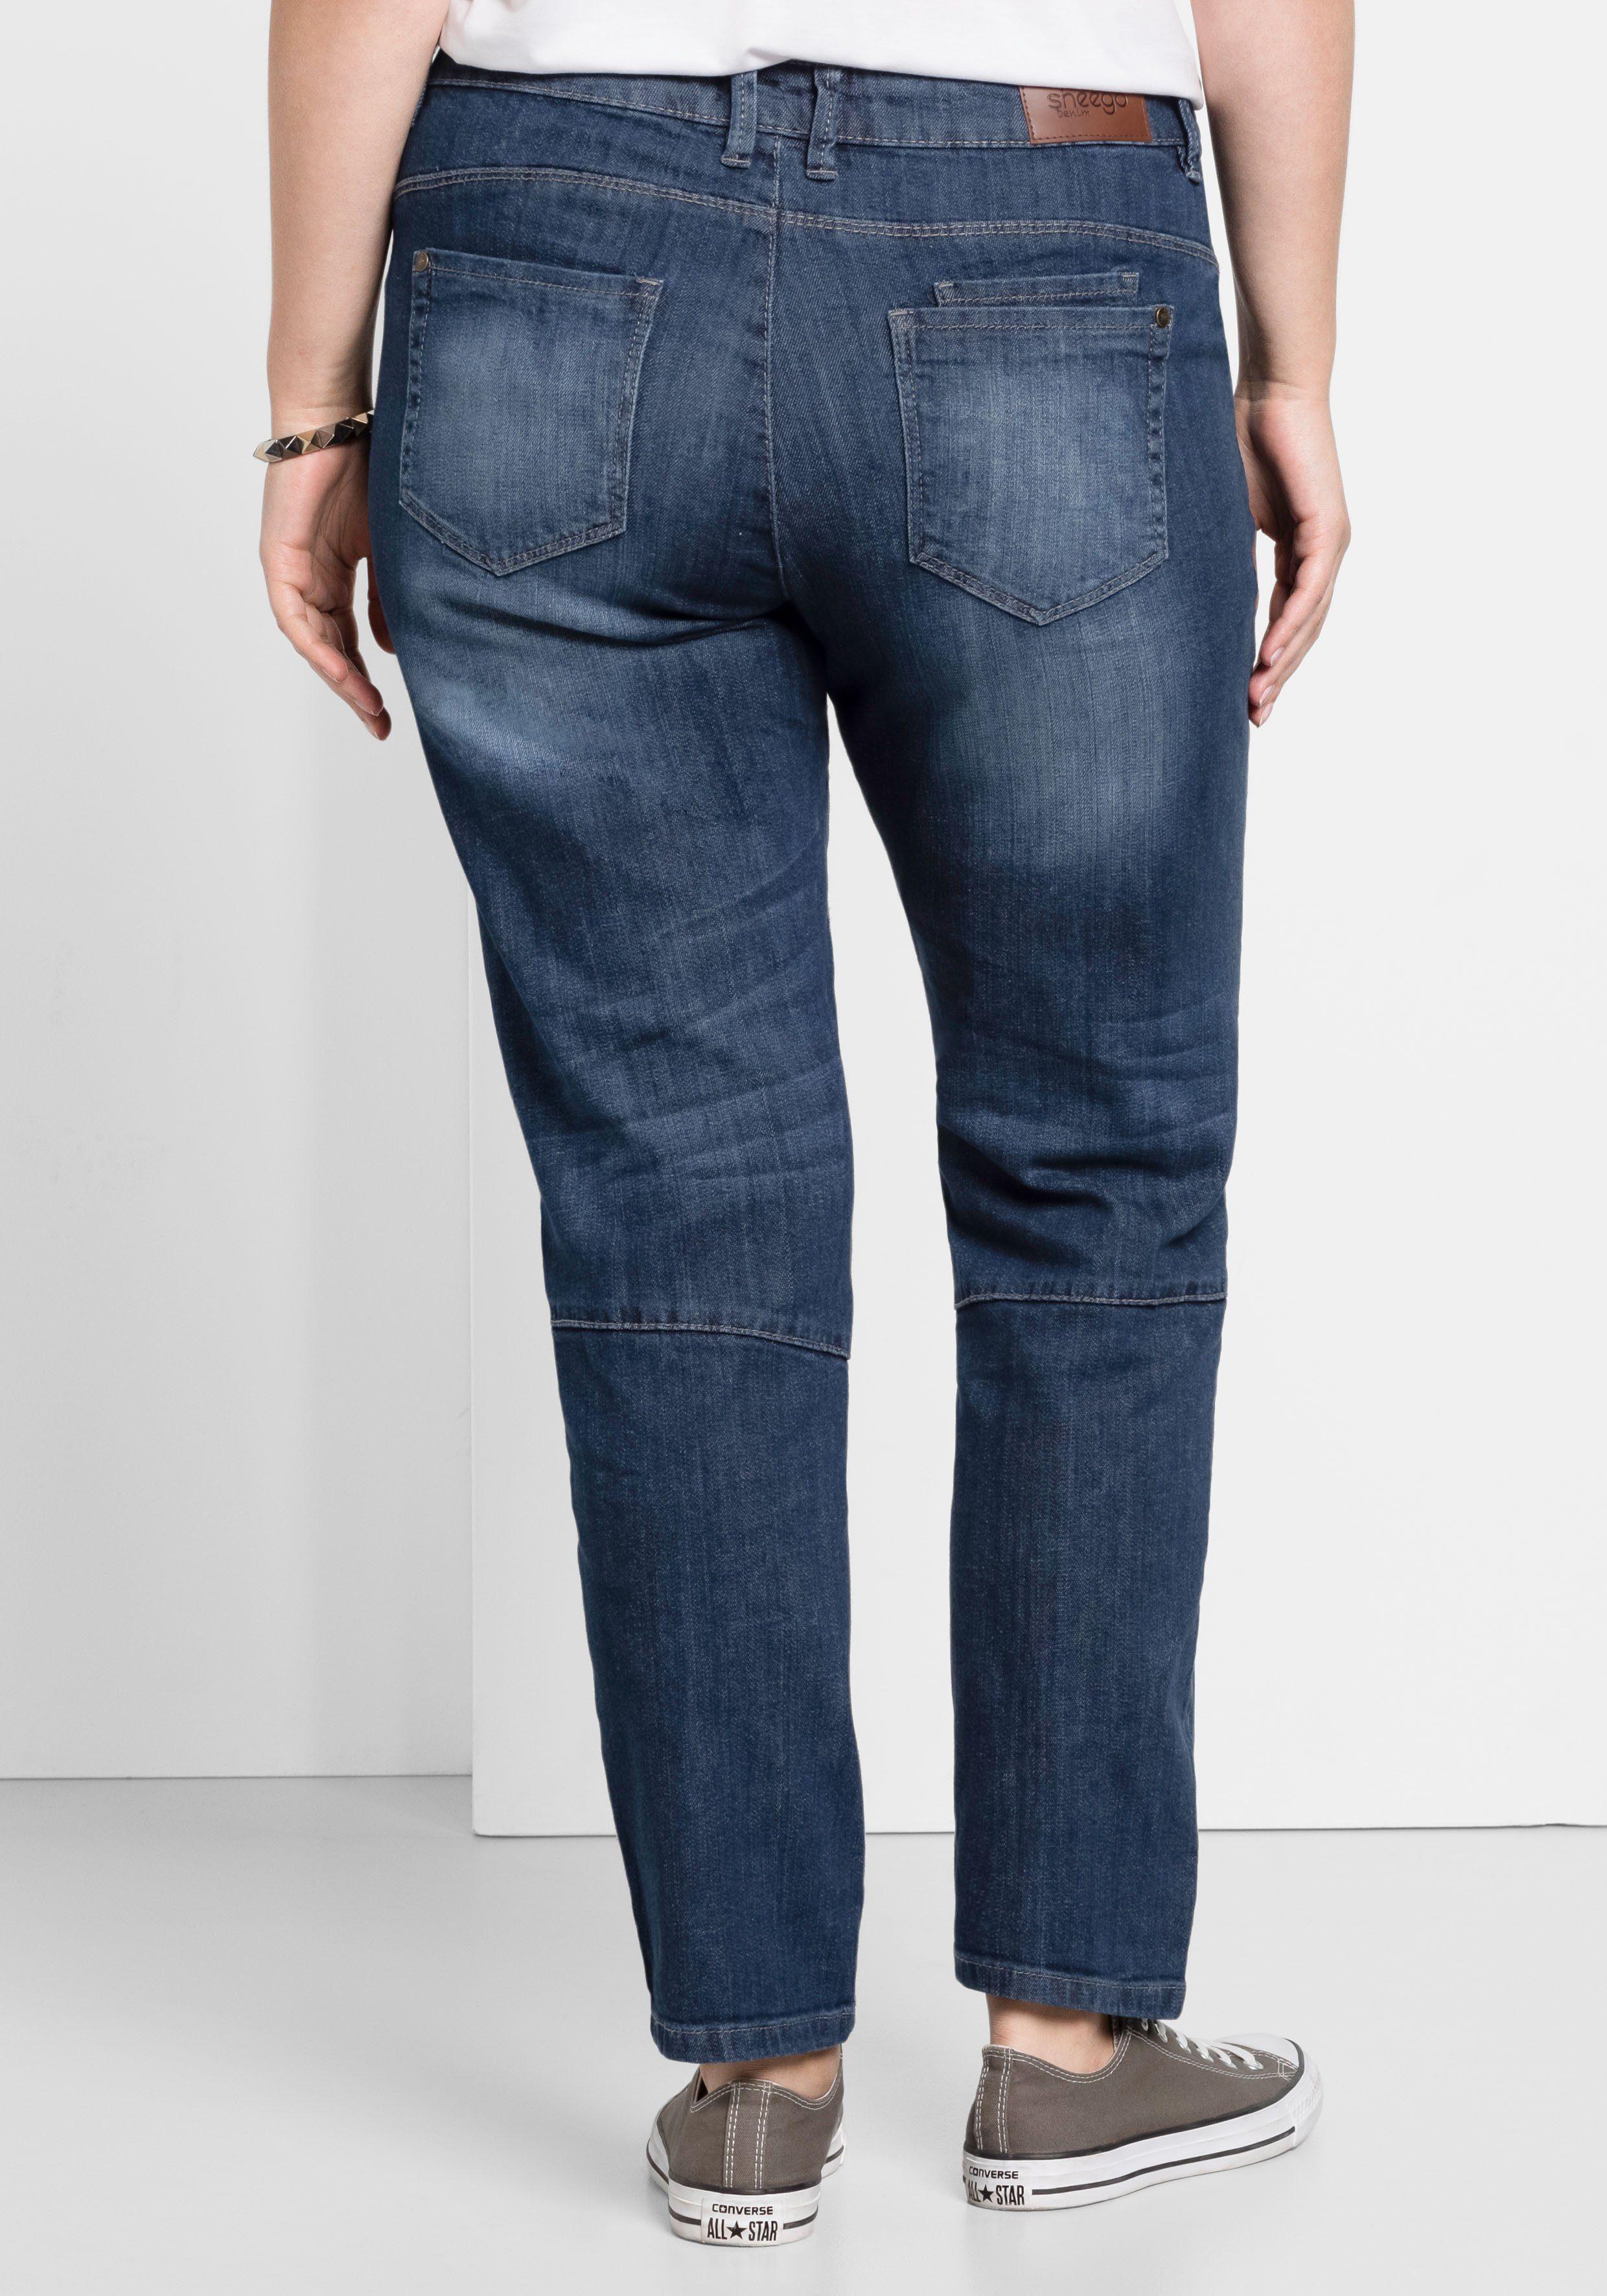 Kaufen Stretch jeans jeans Sheego Stretch Online Sheego drWeBoCx